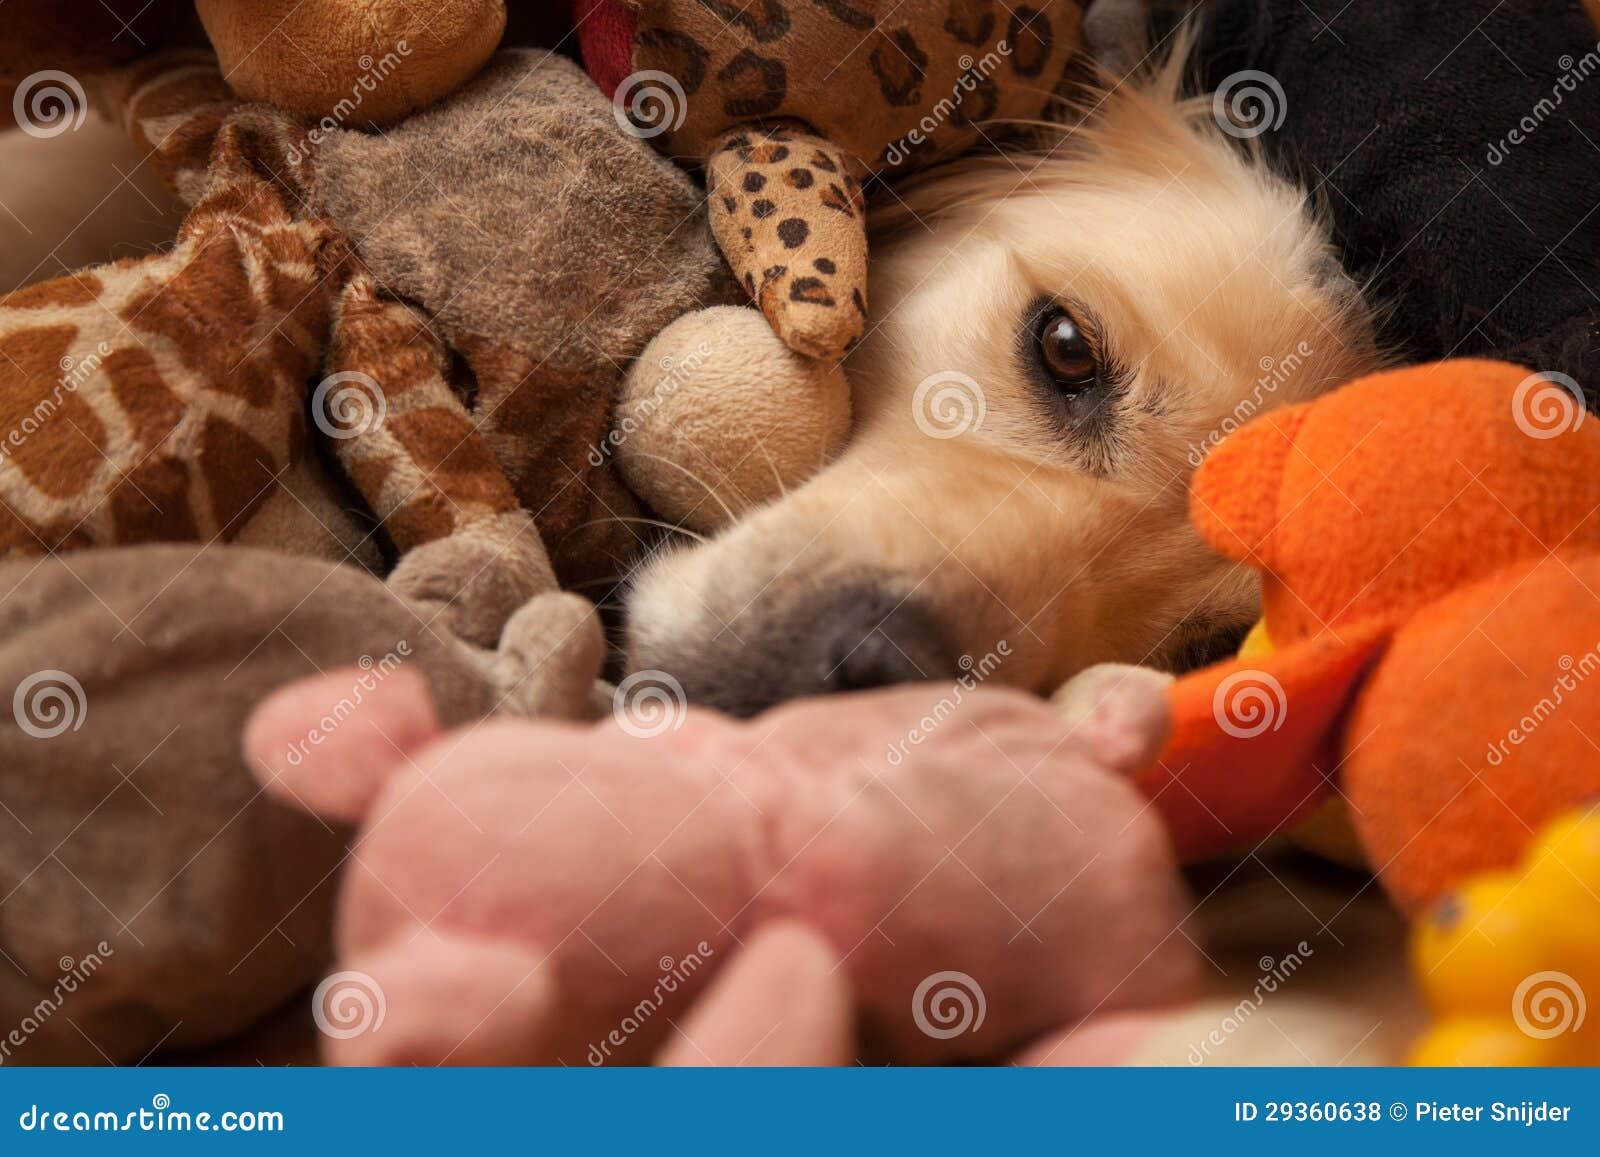 在宠物玩具之间的狗